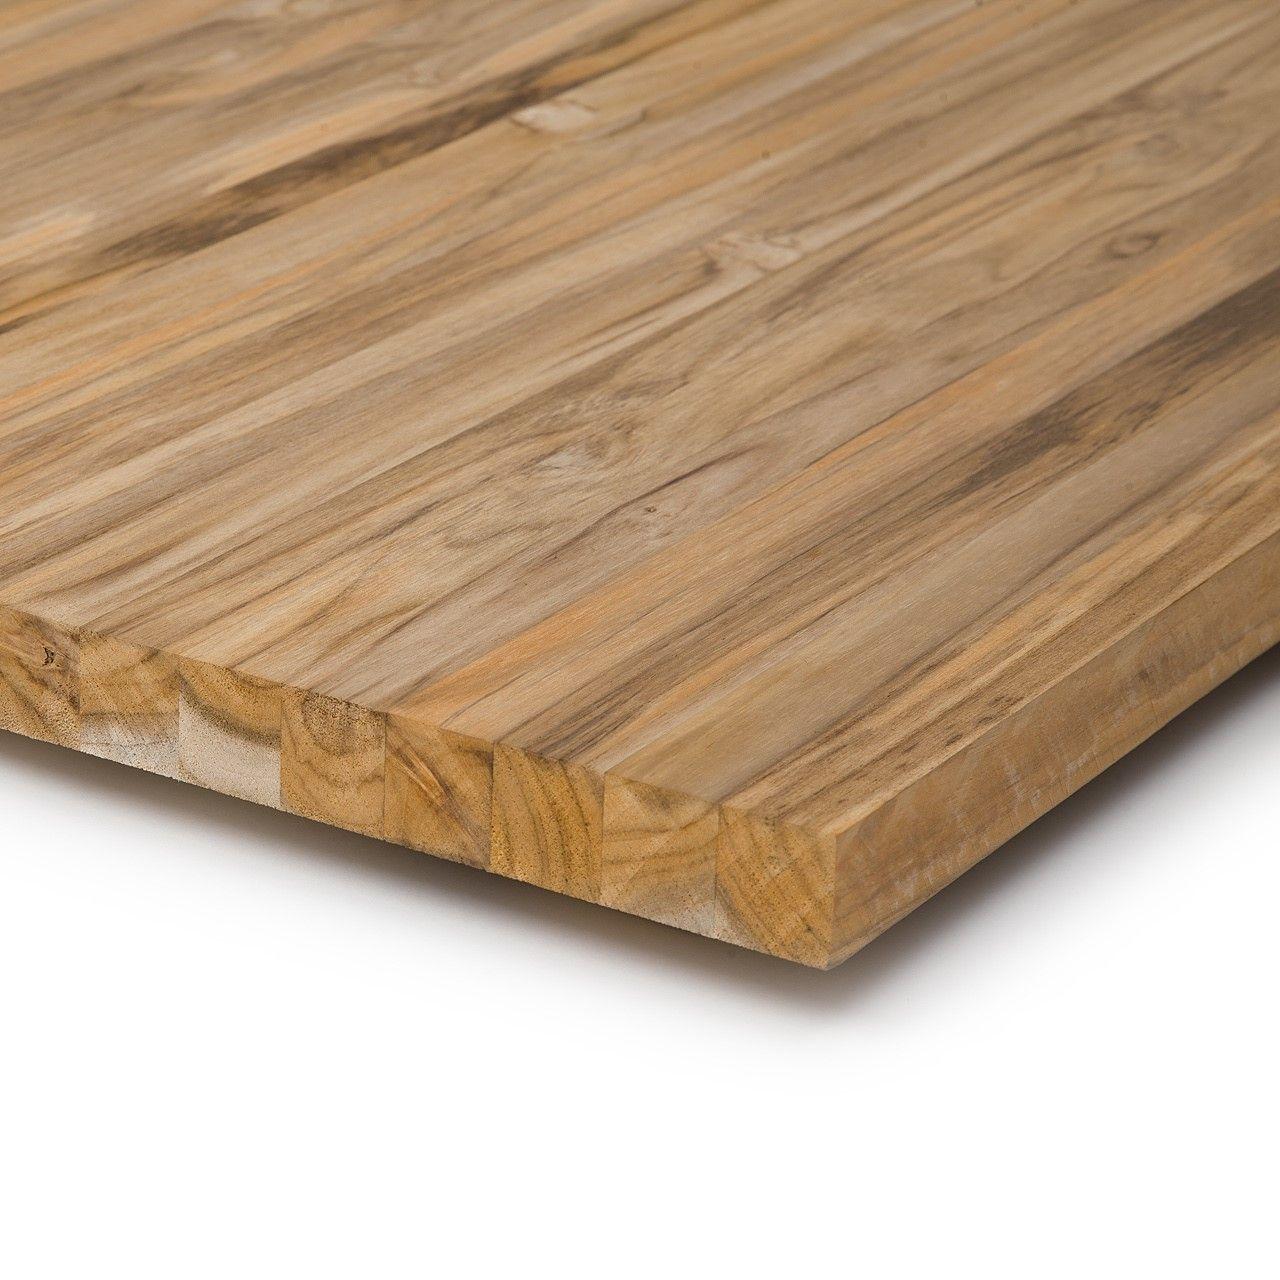 tischplatte teakholz kaufen 34mm st rke arbeitsplatte die k che und waschtisch. Black Bedroom Furniture Sets. Home Design Ideas